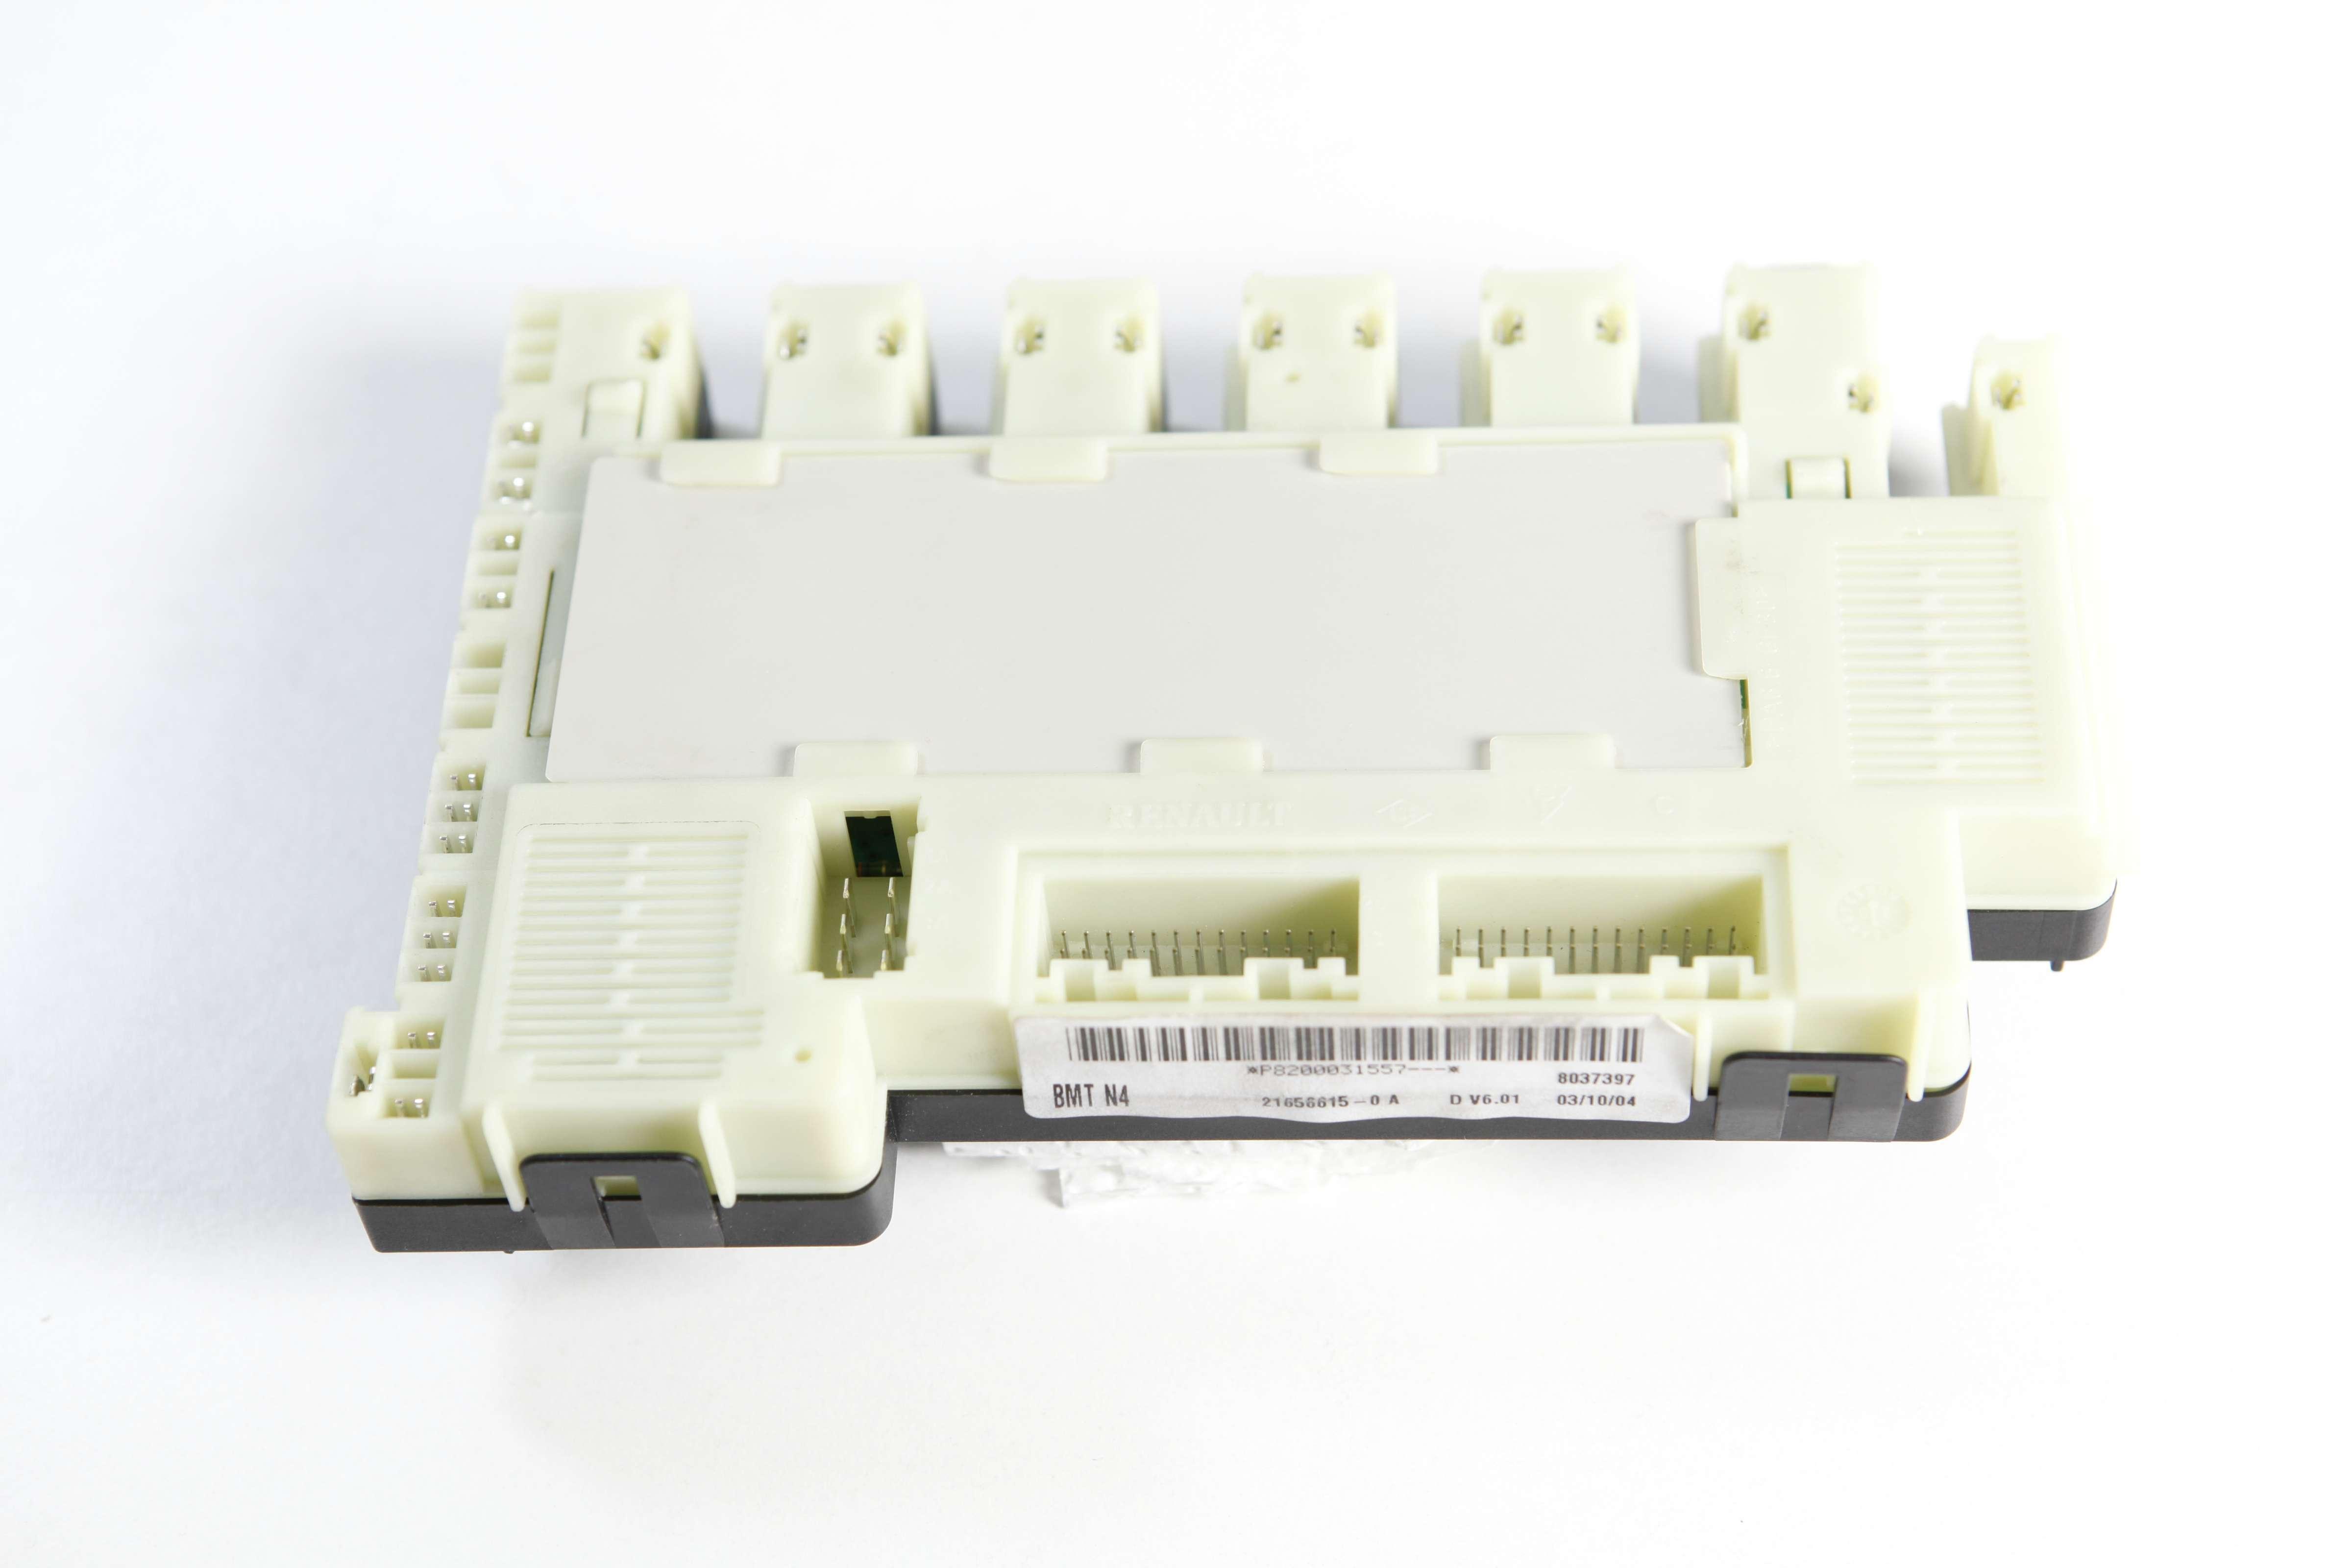 batterie clio 2 comment demonter batterie clio 2 la r. Black Bedroom Furniture Sets. Home Design Ideas